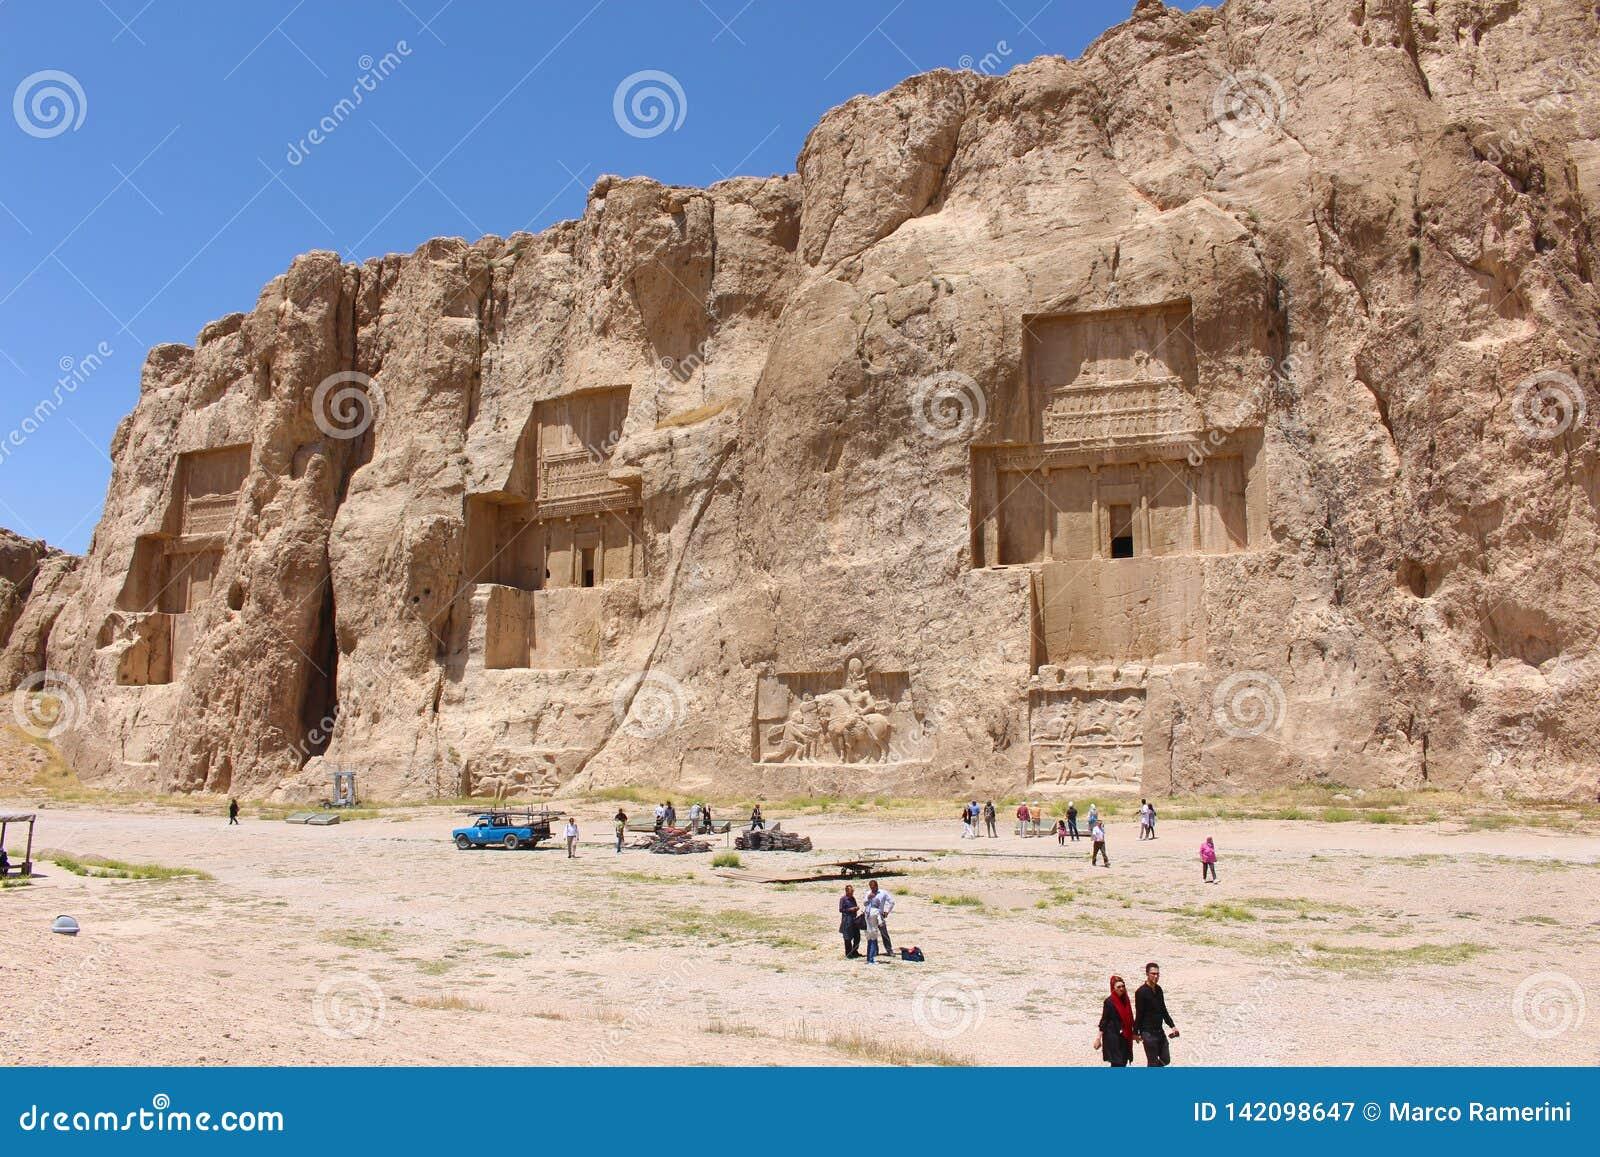 Der Friedhof der Achaemeniddynastie, wenn die großen Gräber hoch in die Klippenwand geschnitten sind